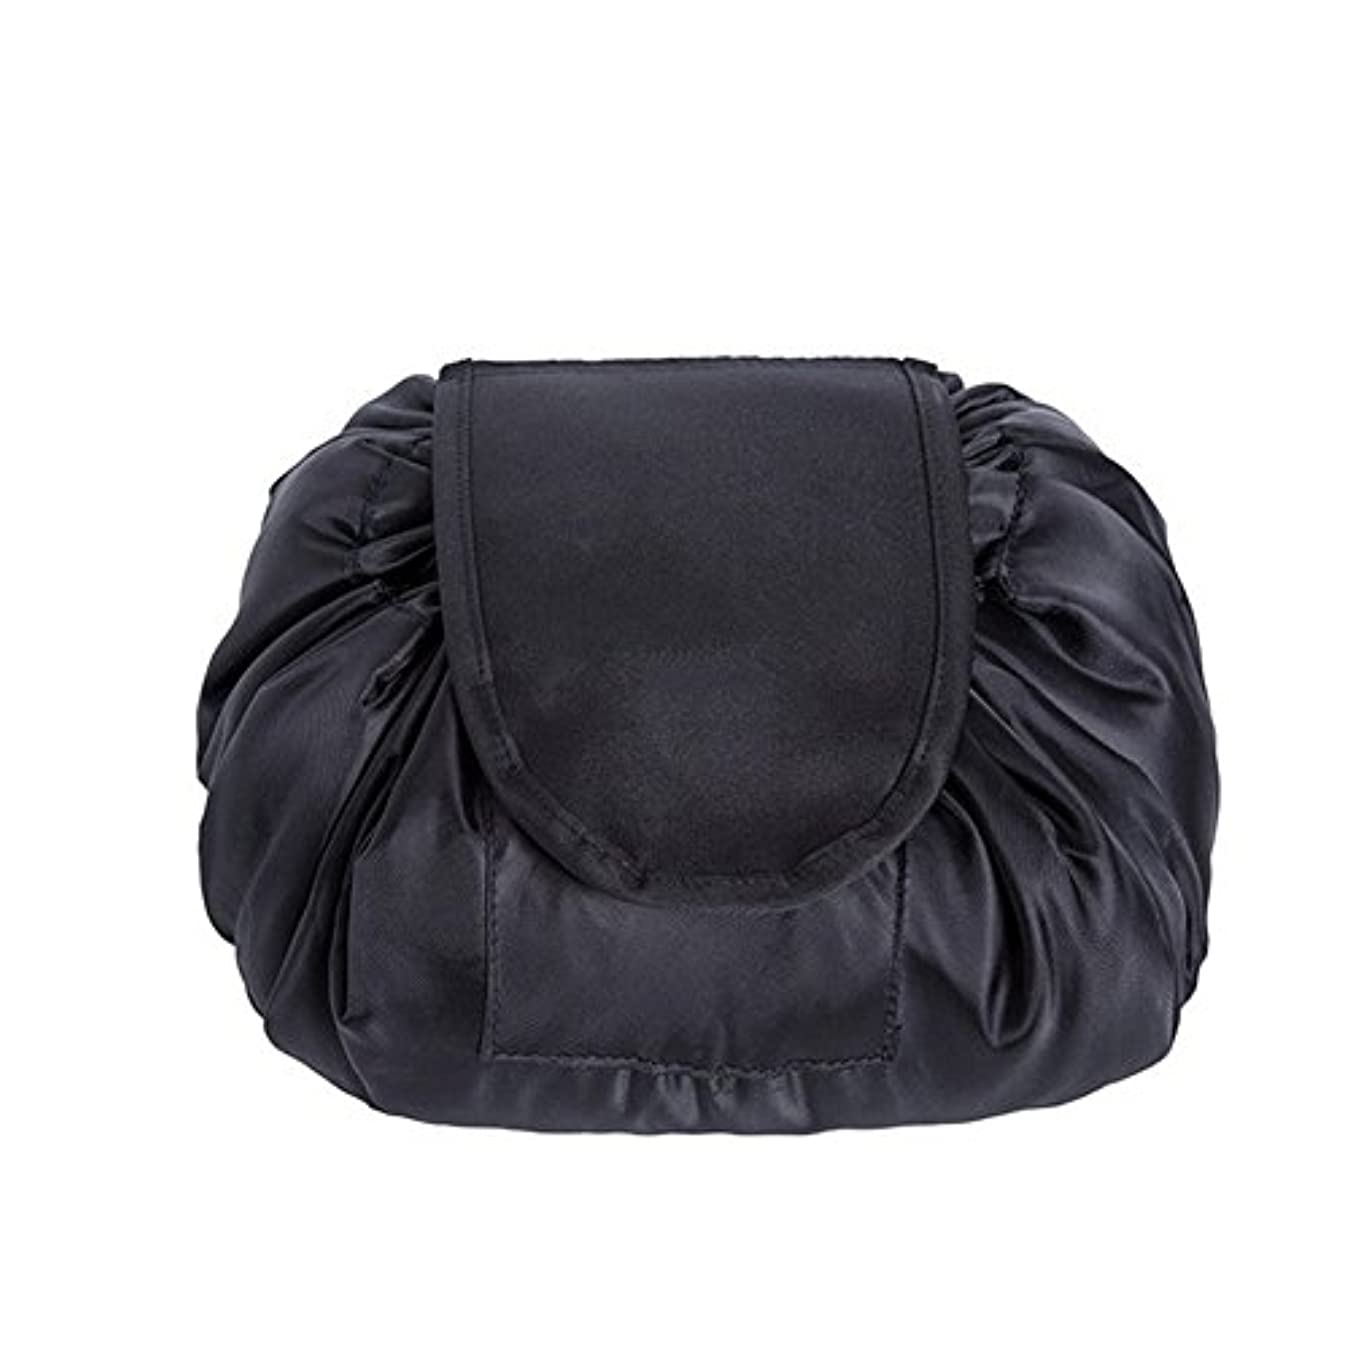 話リスク比類のないSimonJp メイクポーチ 化粧ポーチ 化粧品収納 収納ポーチ 多機能 大容量 巾着袋 防水 携帯 軽量 旅行 便利 ブラック